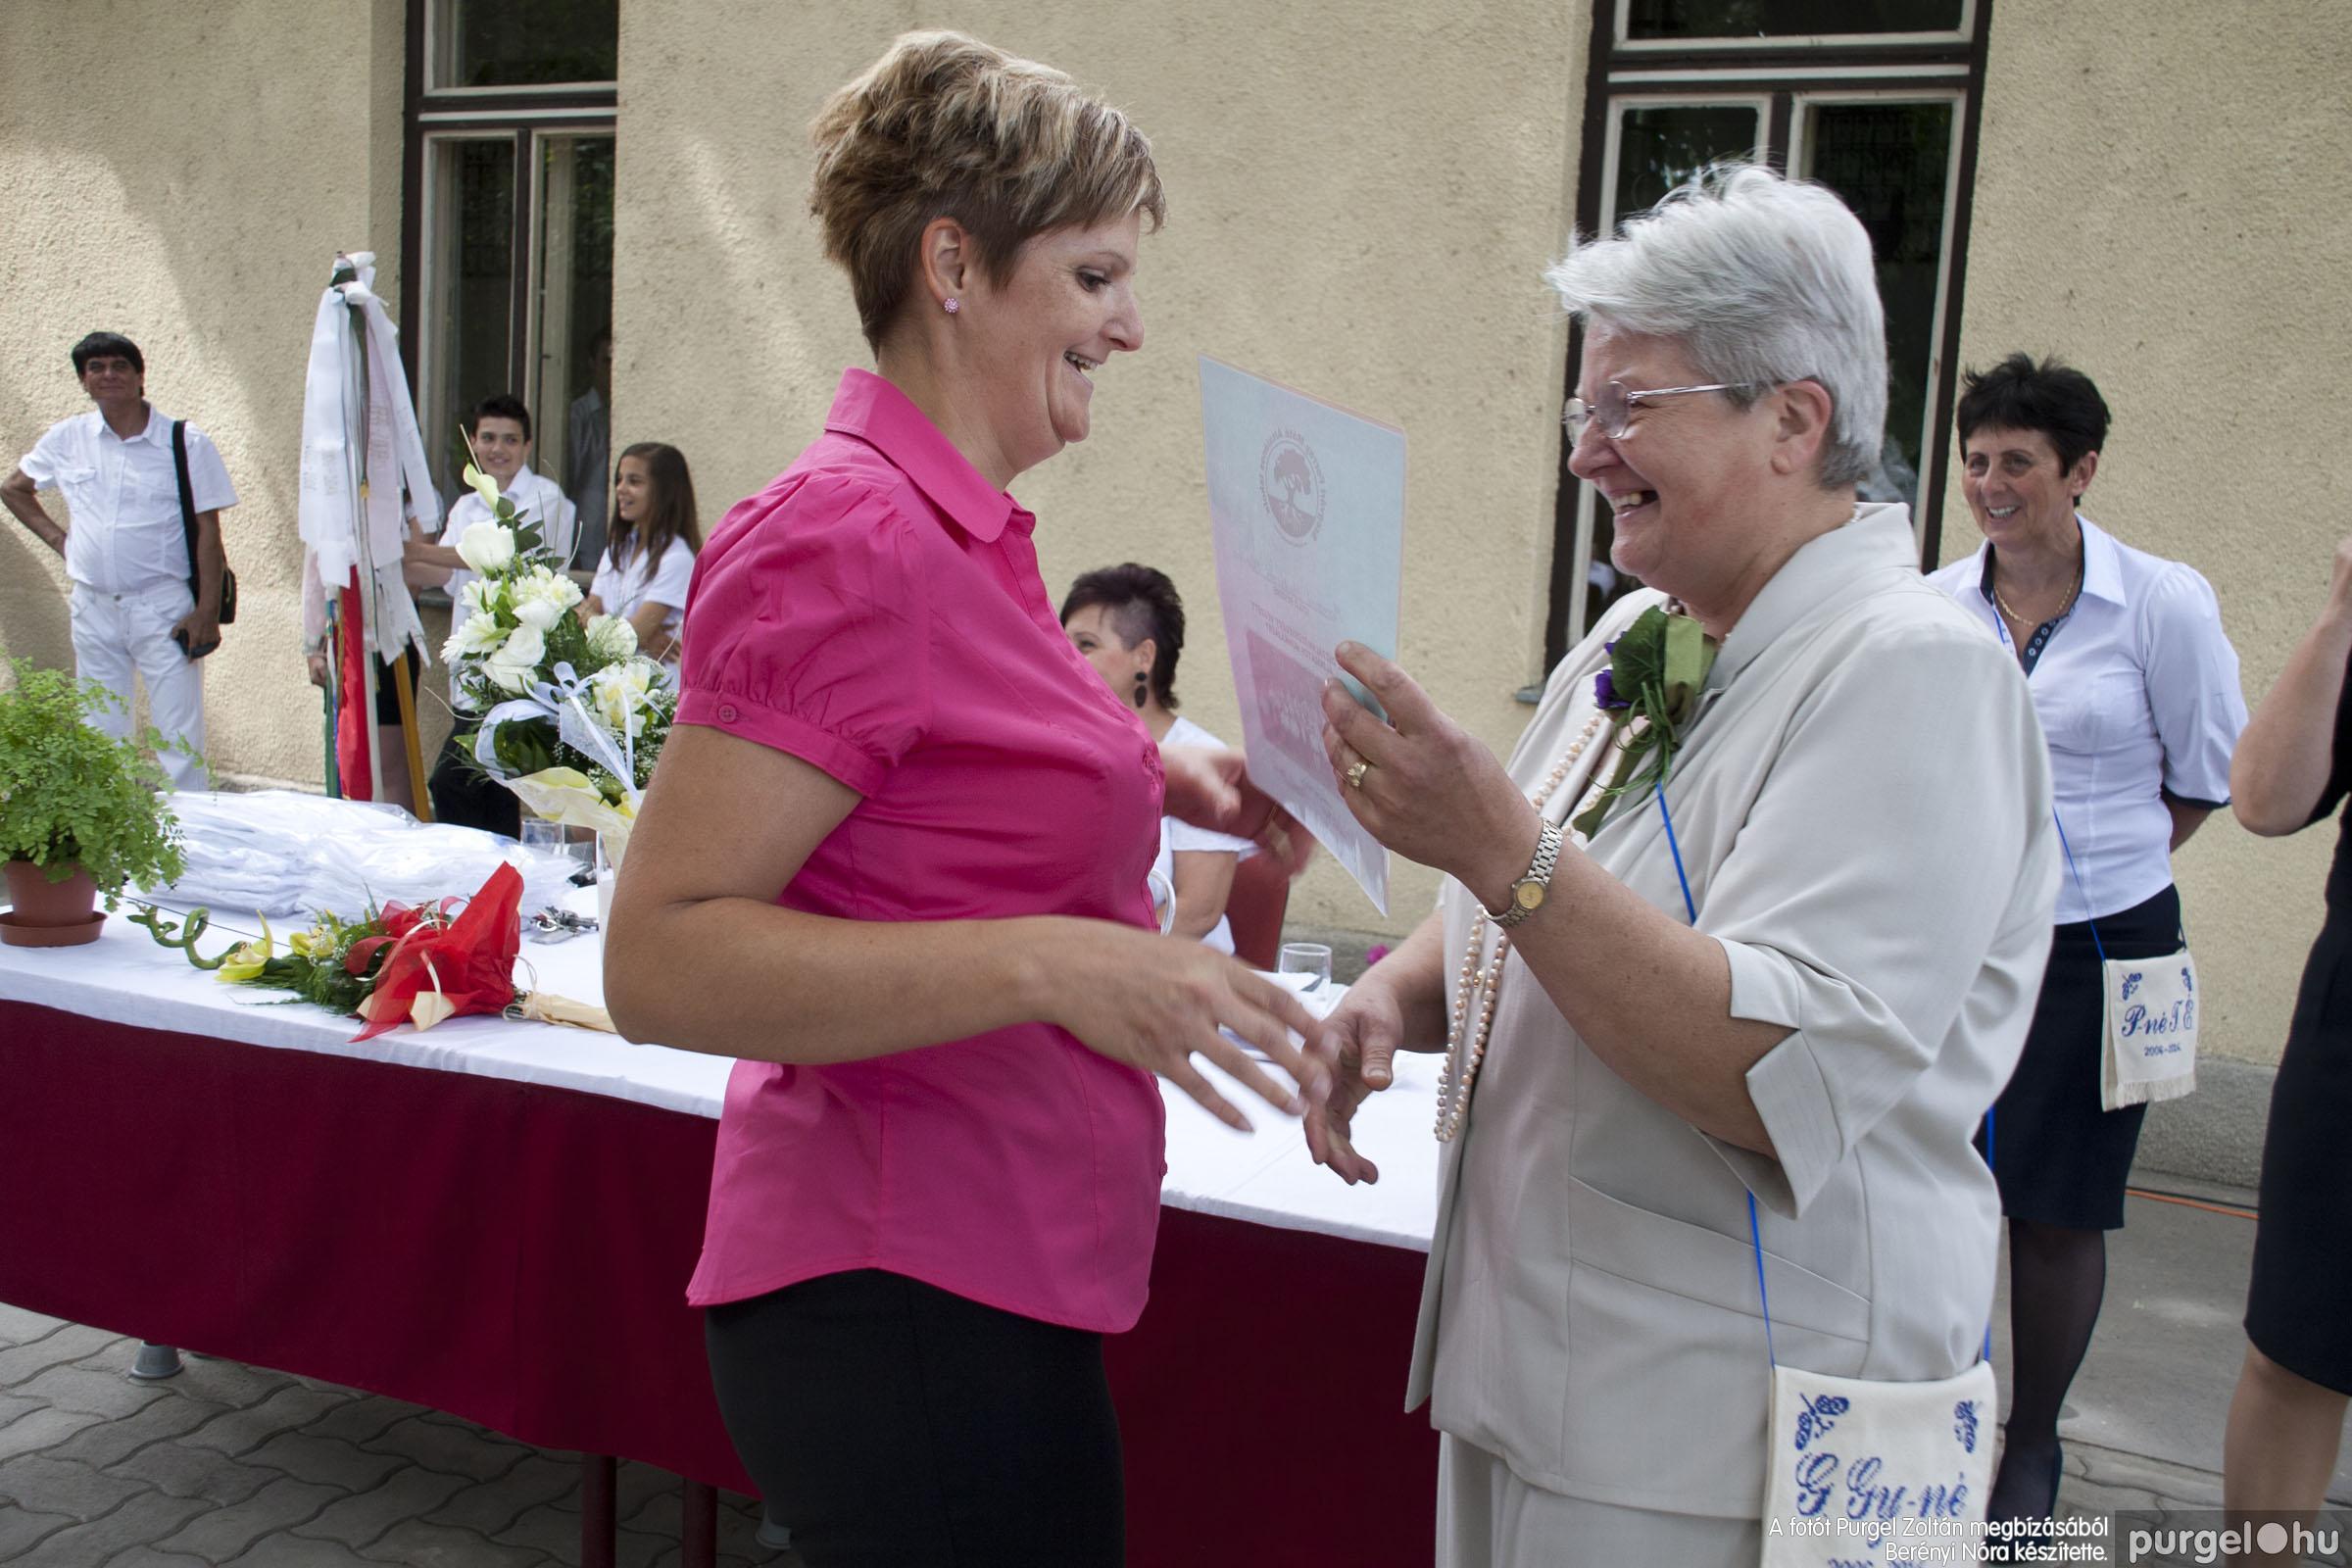 2014.06.14. 298 Forray Máté Általános Iskola ballagás 2014. - Fotó:BERÉNYI NÓRA© _MG_6016